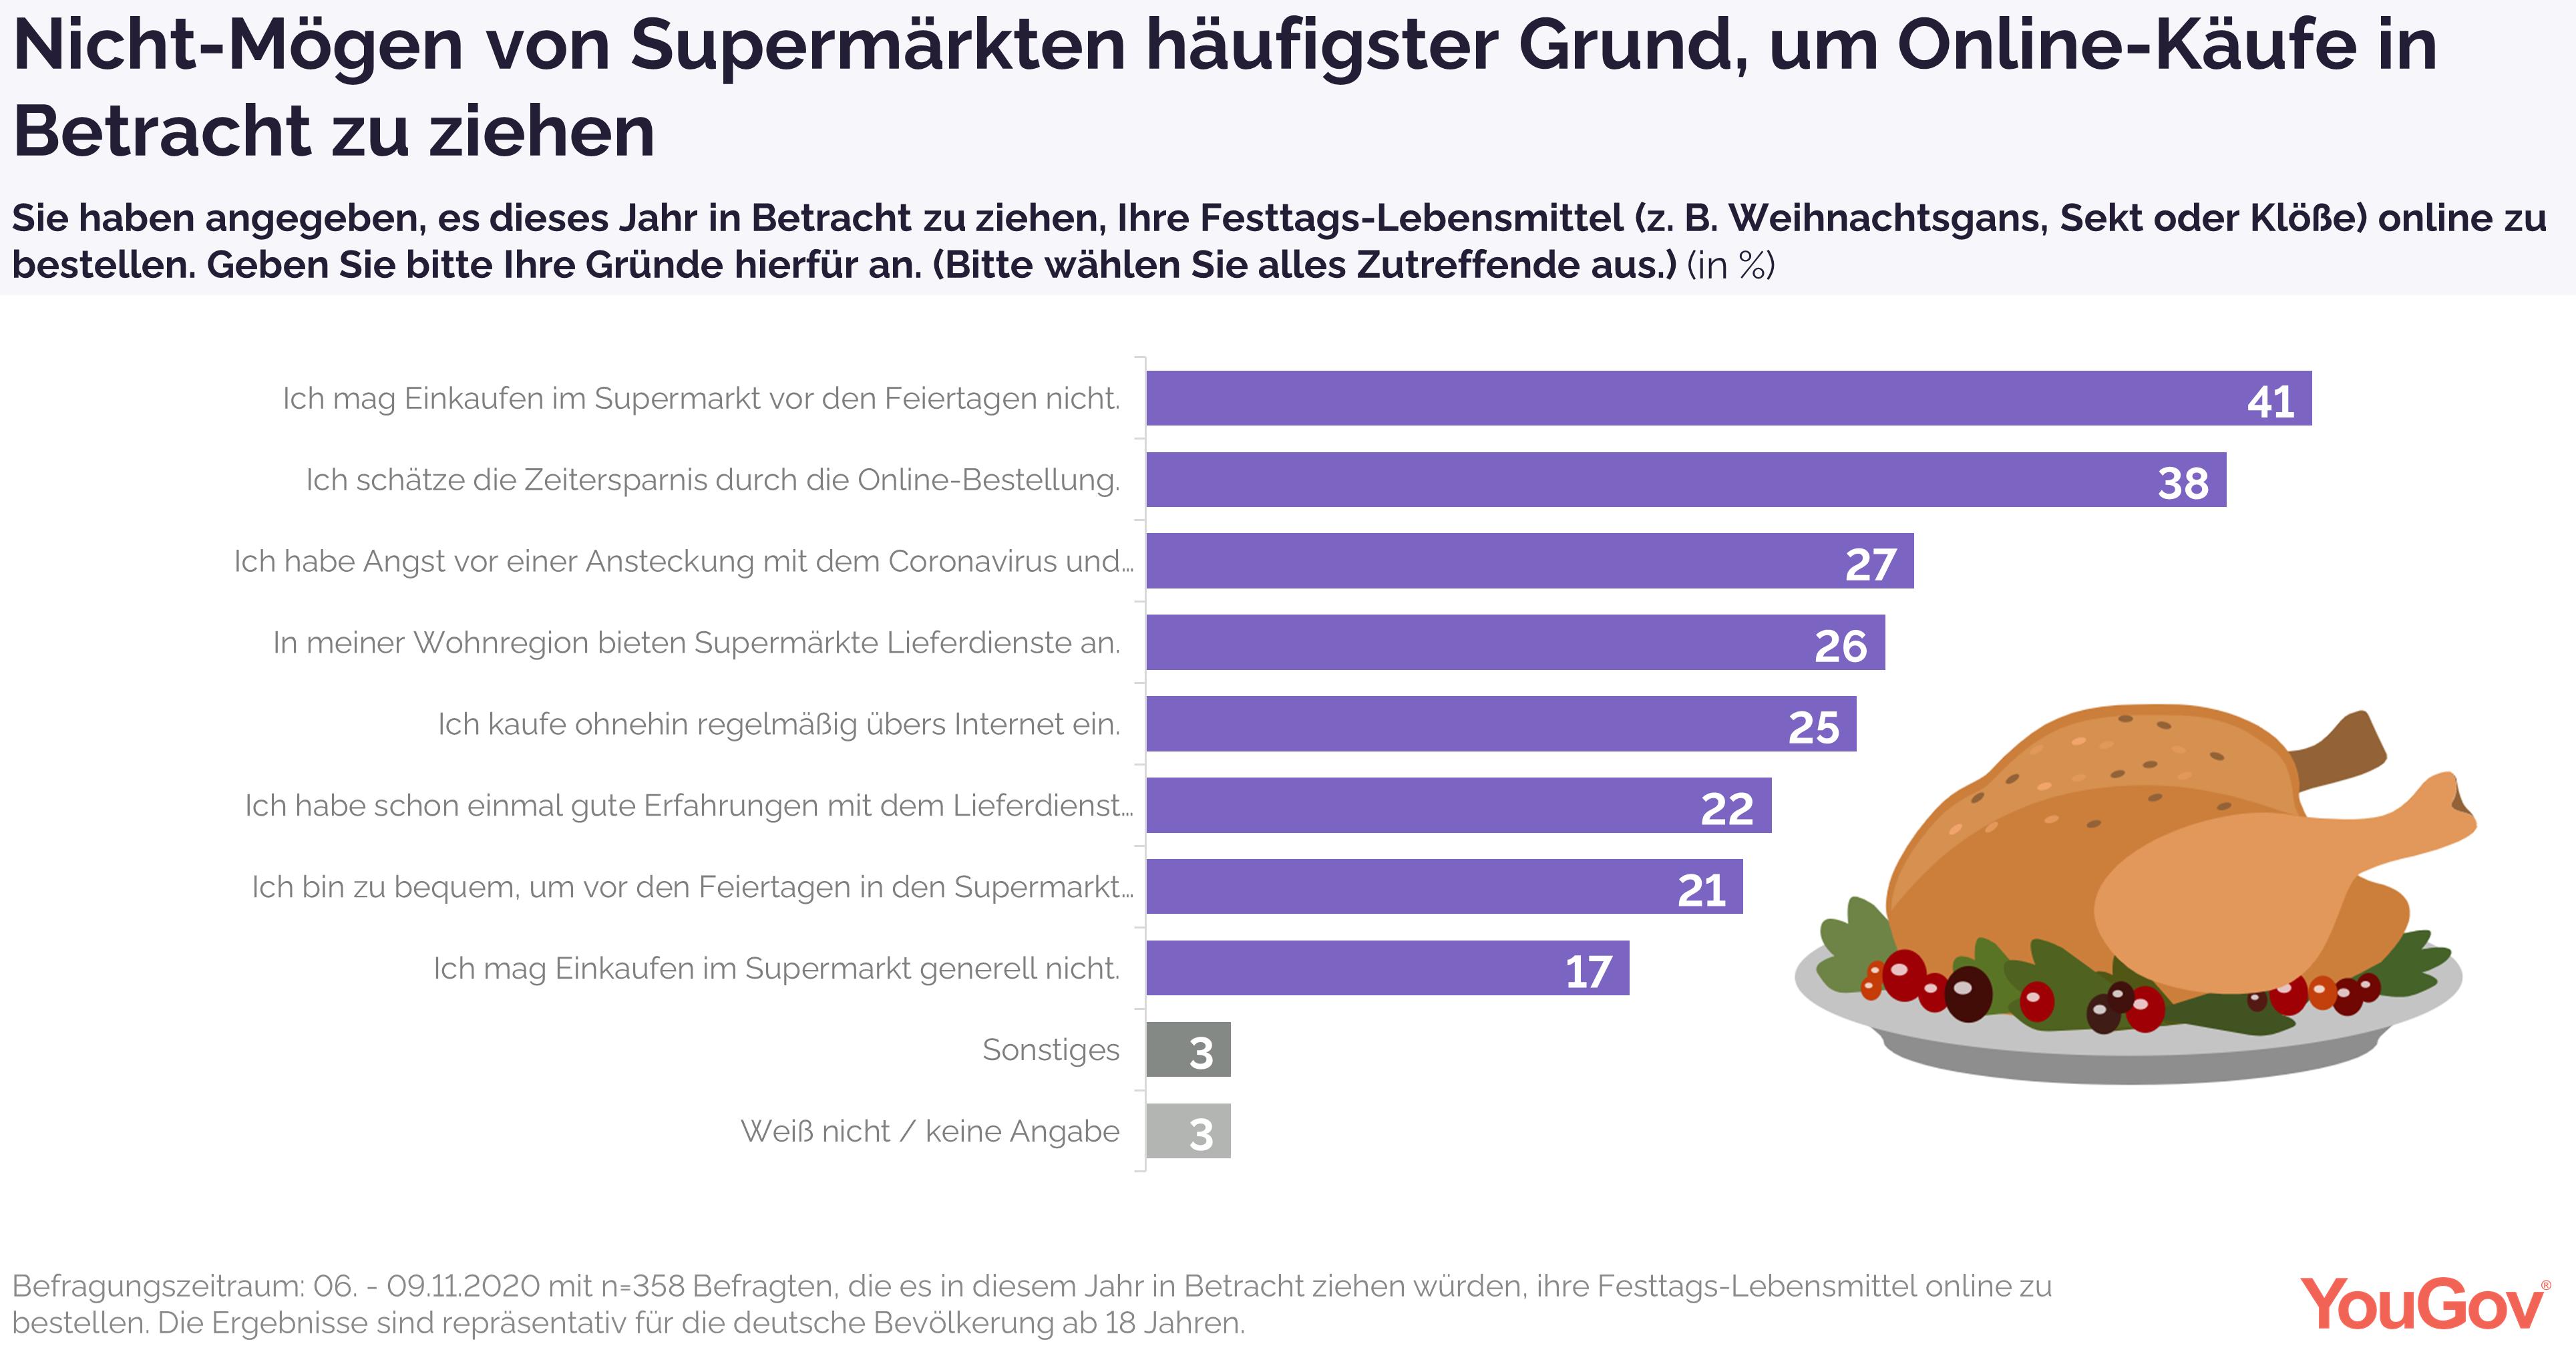 Nicht-Mögen von Supermärkten häufigster Grund für Online-Kauf-Überlegungen